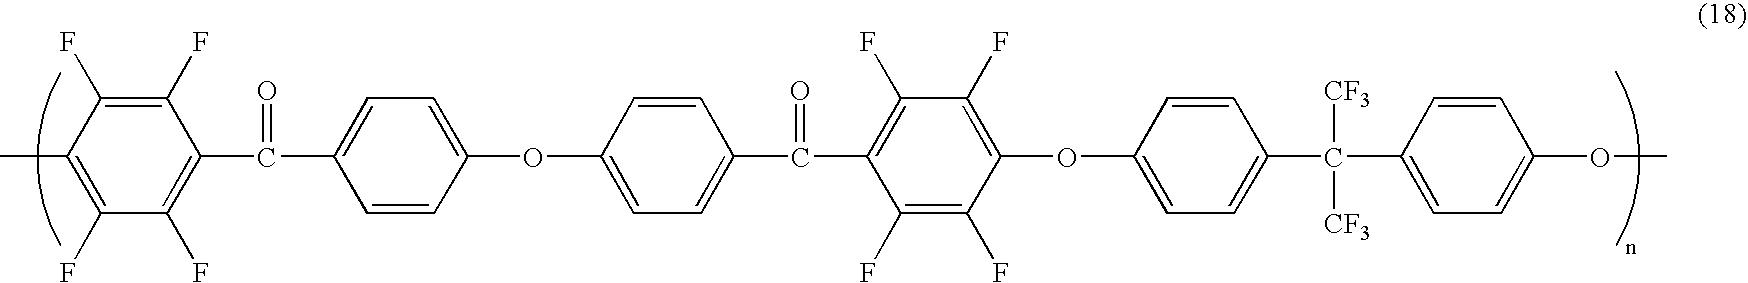 Figure US07223452-20070529-C00014